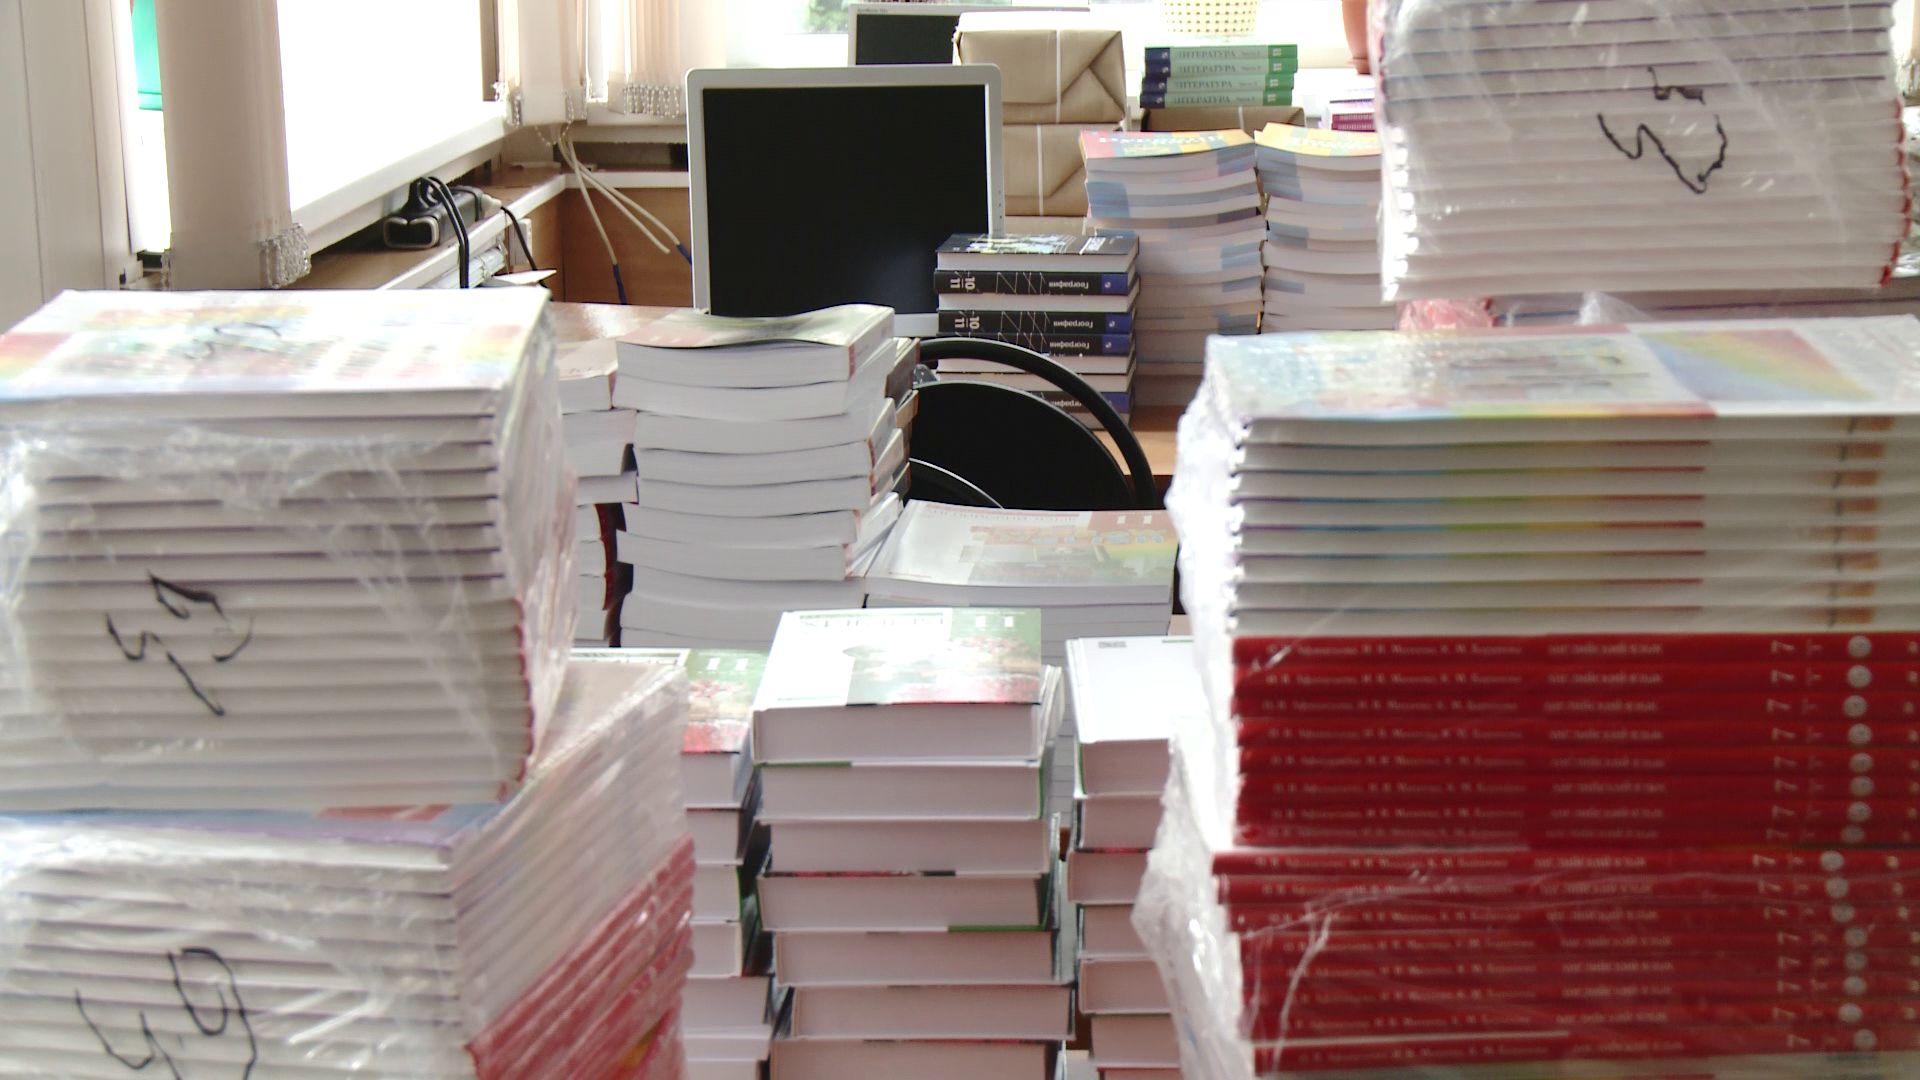 В Ярославле закупили школьные учебники на 155 миллионов рублей